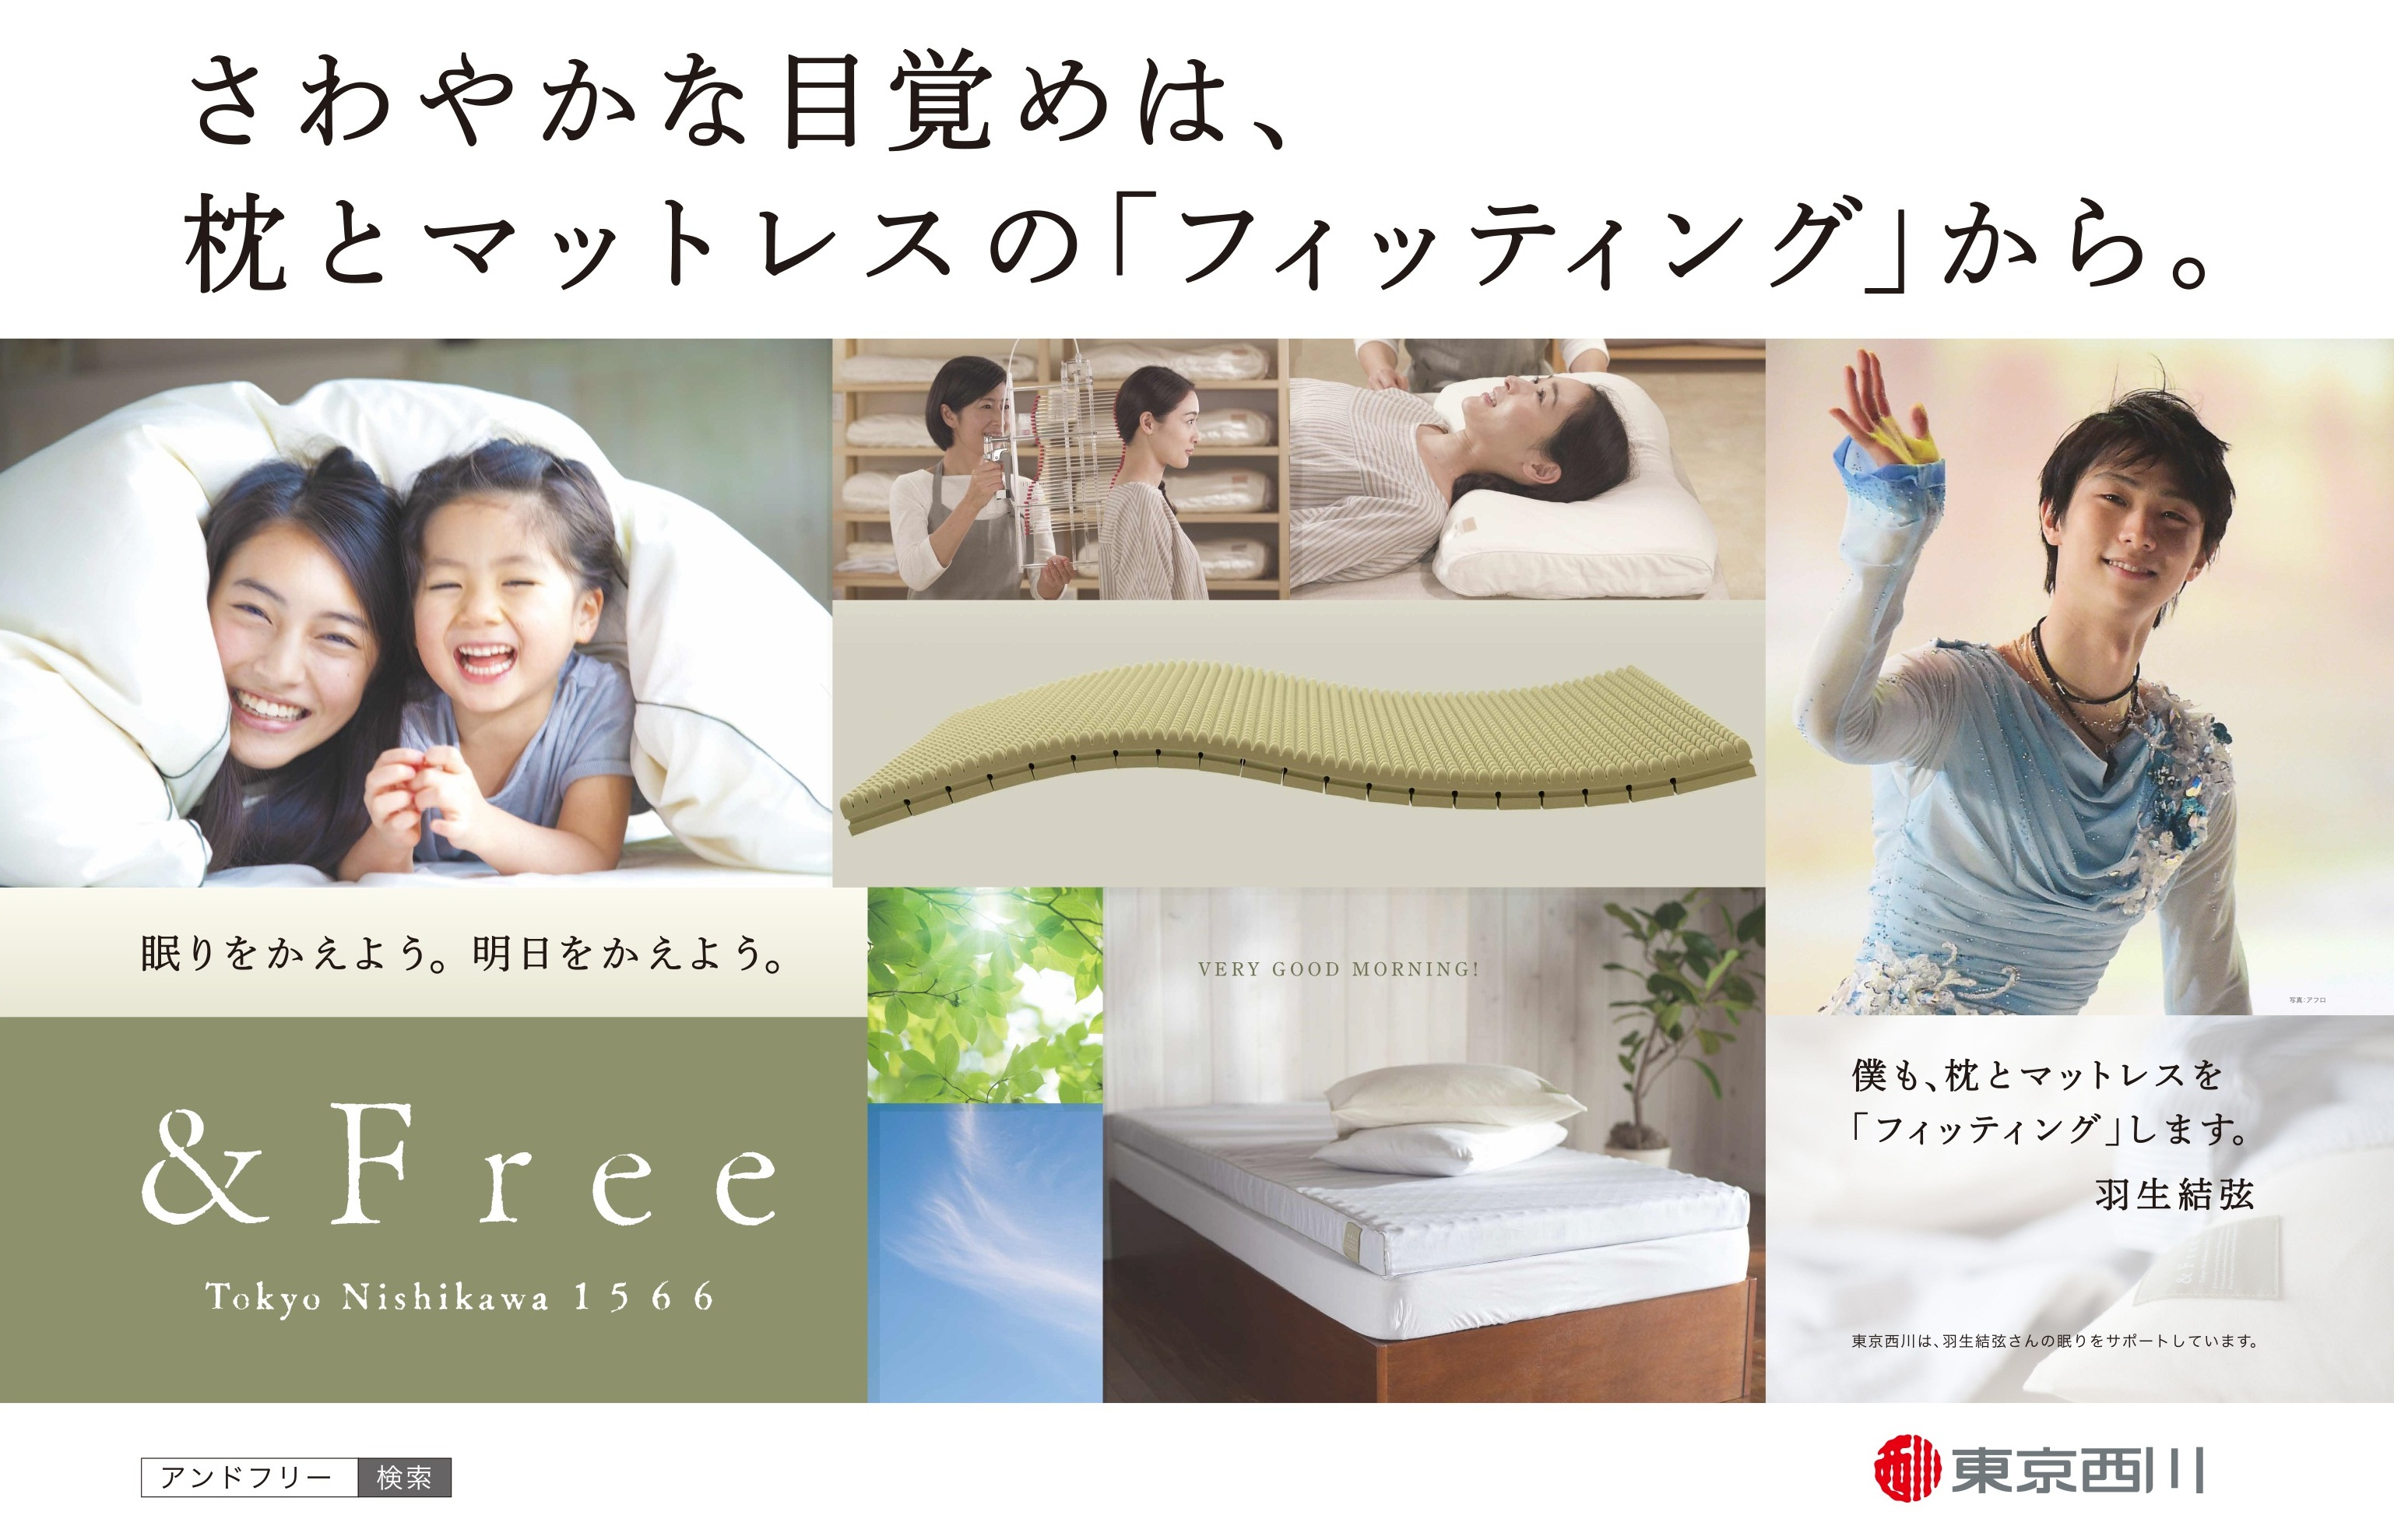 6月1日~7月までの期間限定。東京西川の羽生結弦クリアファイルキャンペーンの詳細が気になる